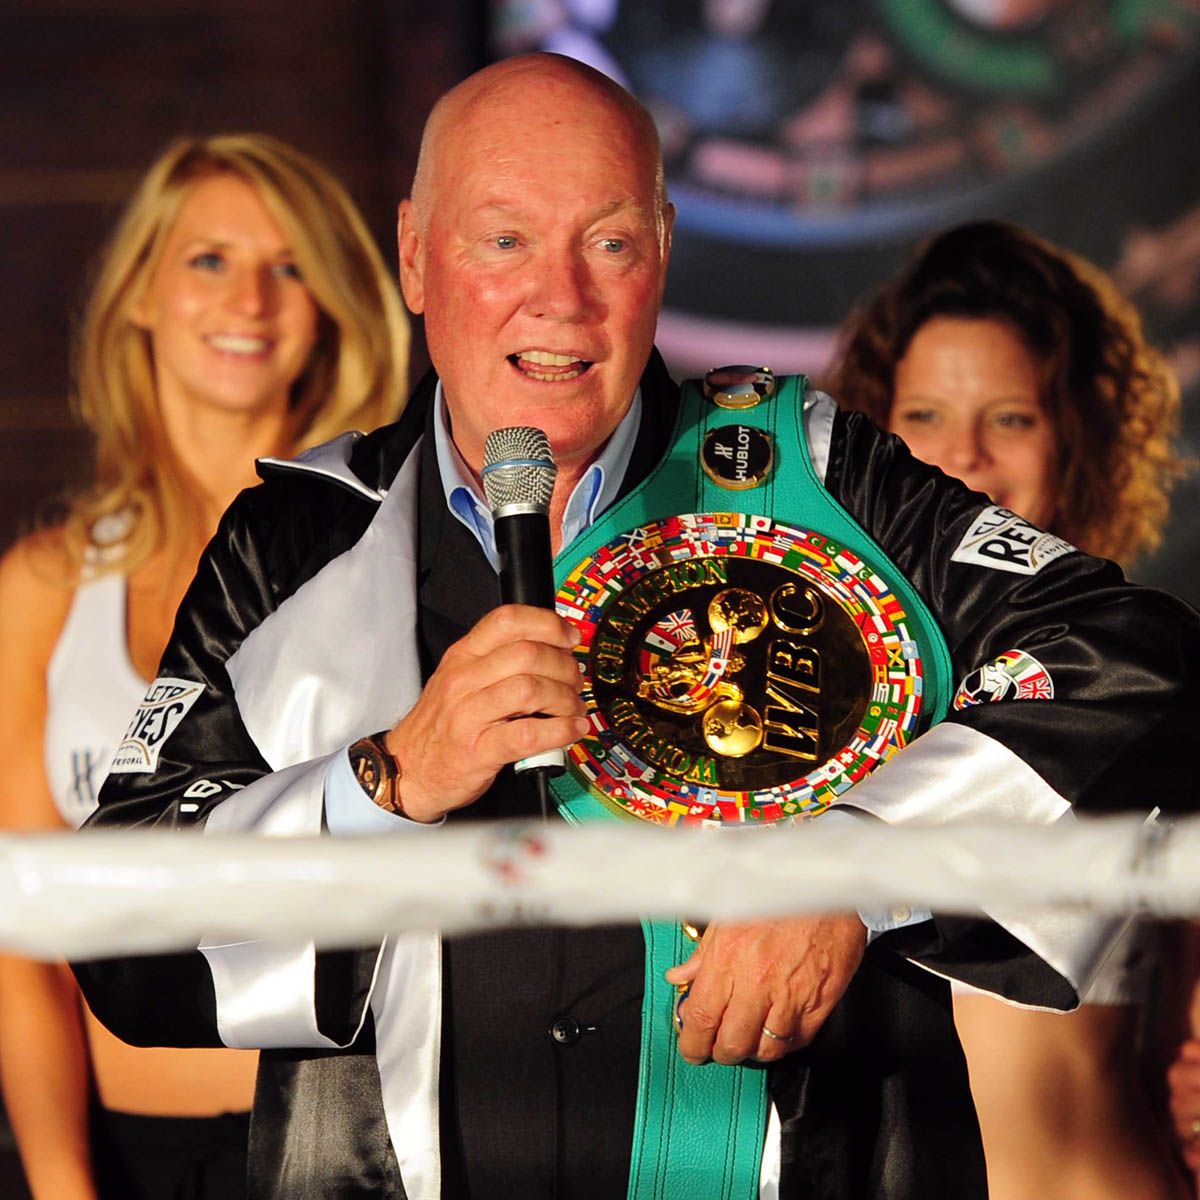 La Cote des Montres : Photo - Hublot King Power World Boxing Council